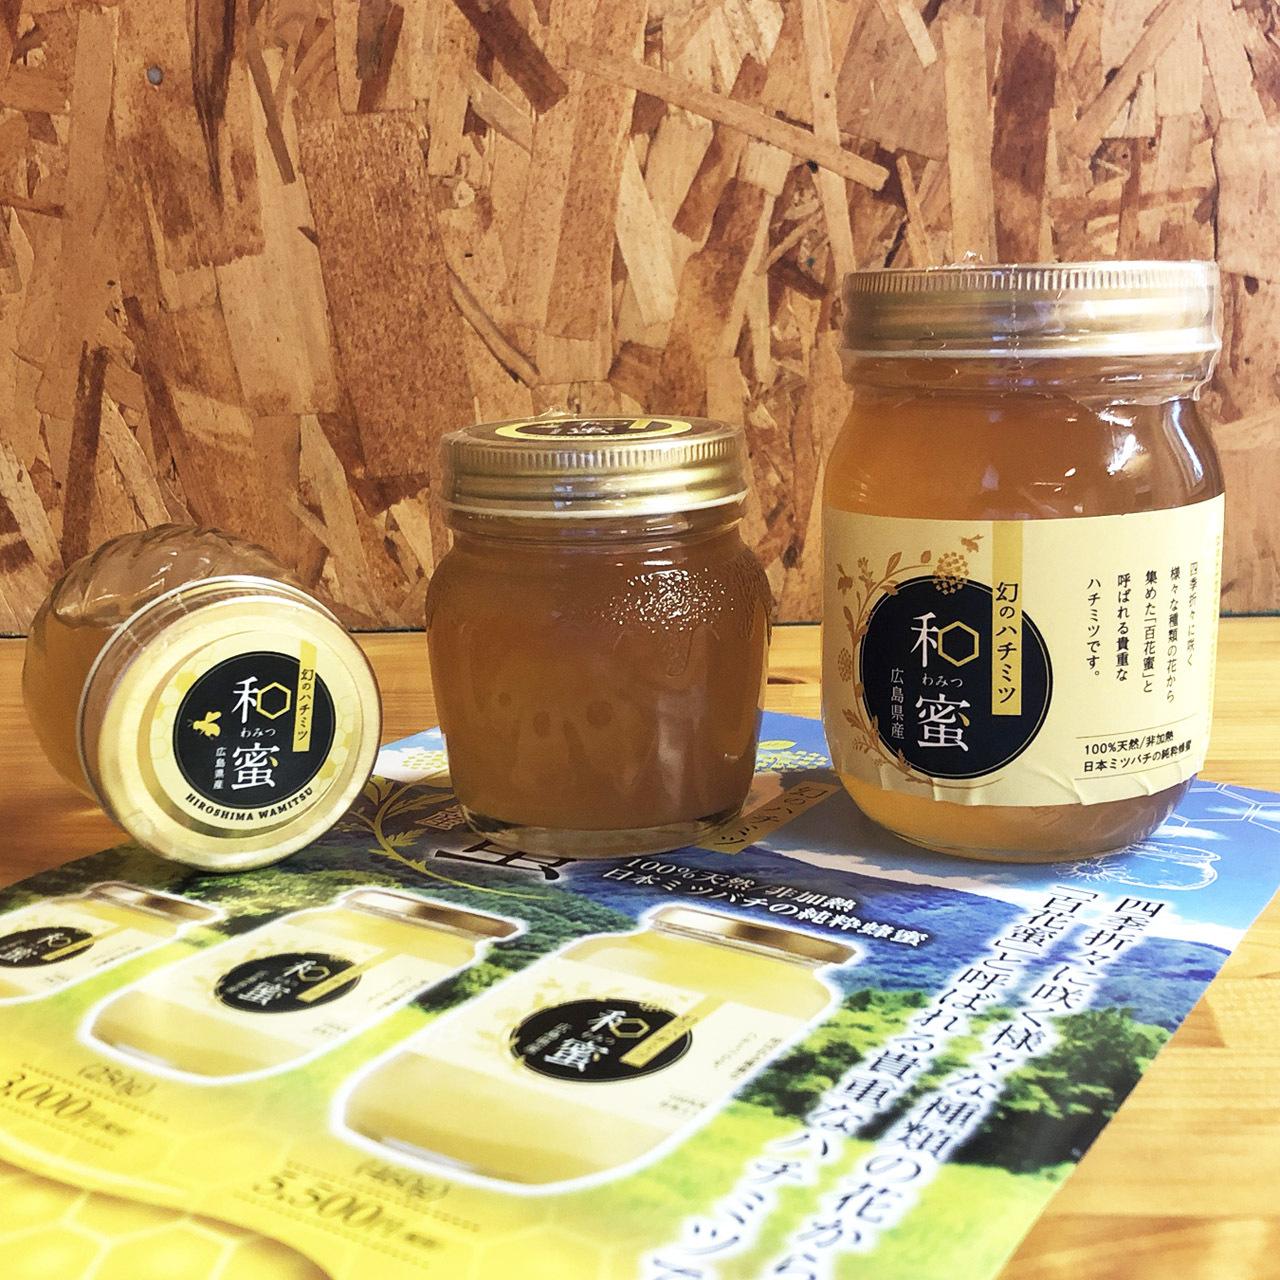 100%天然 幻のハチミツ 和蜜 135g